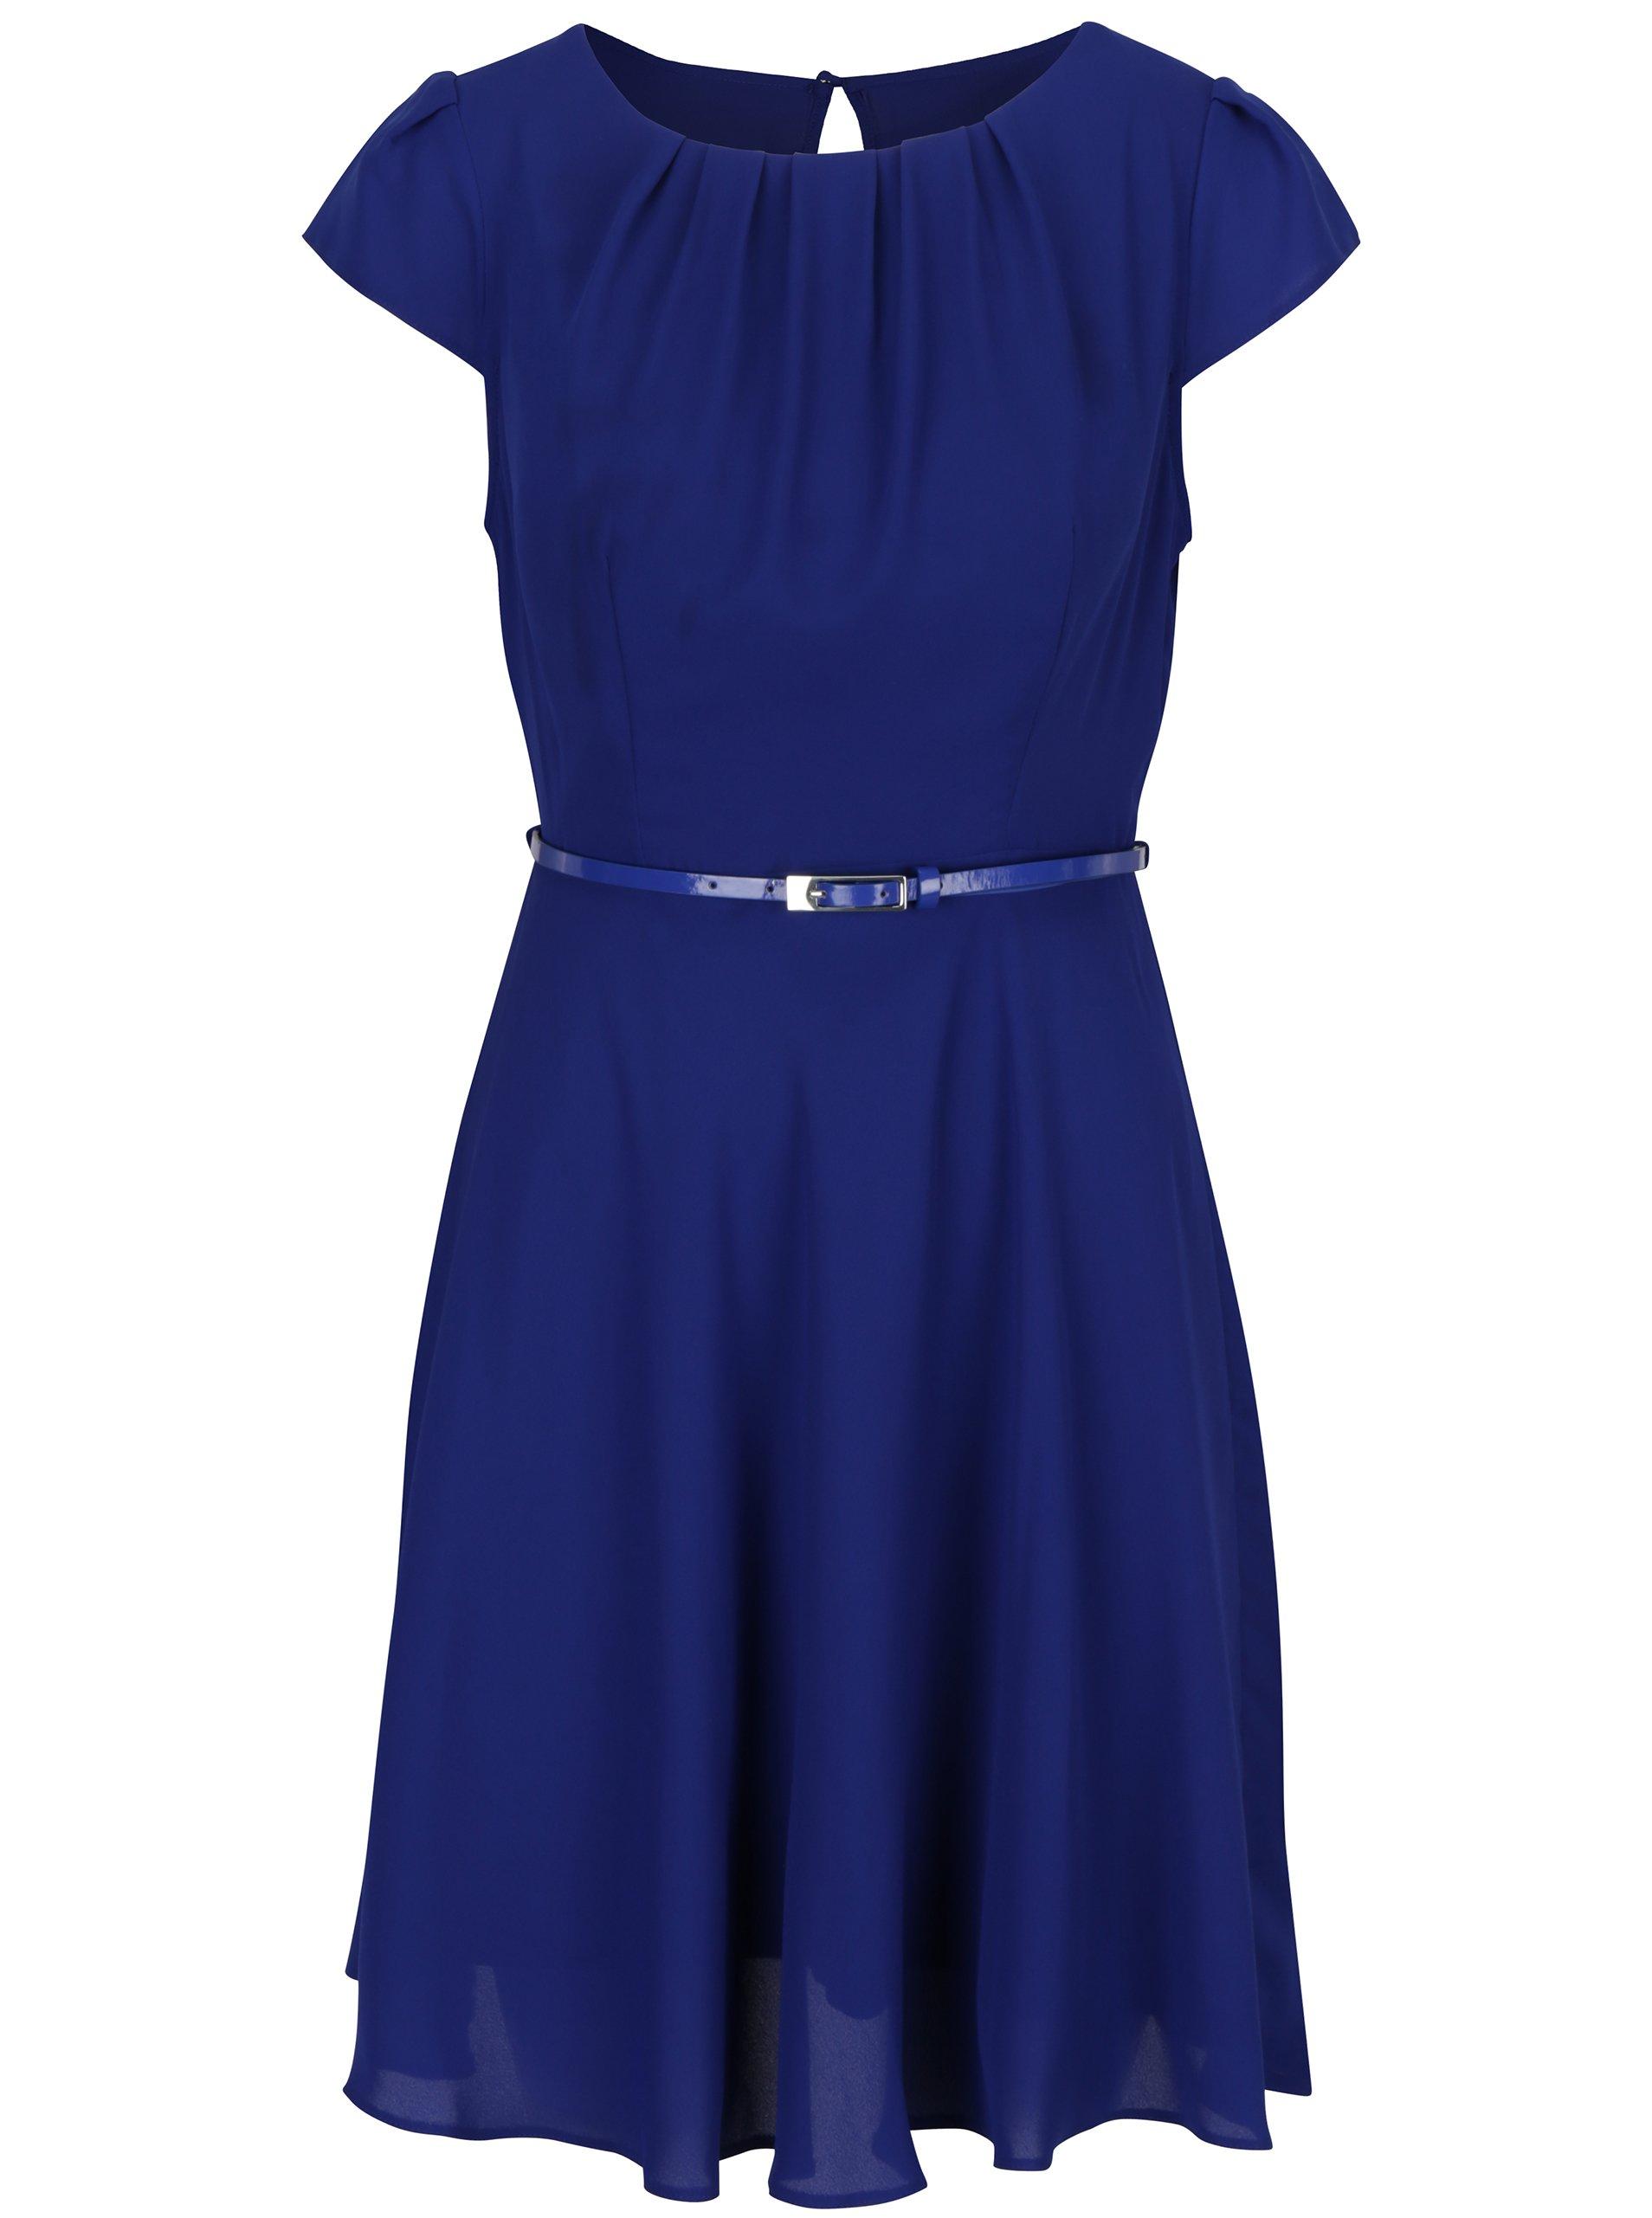 Modré šaty s páskem Billie & Blossom Petite